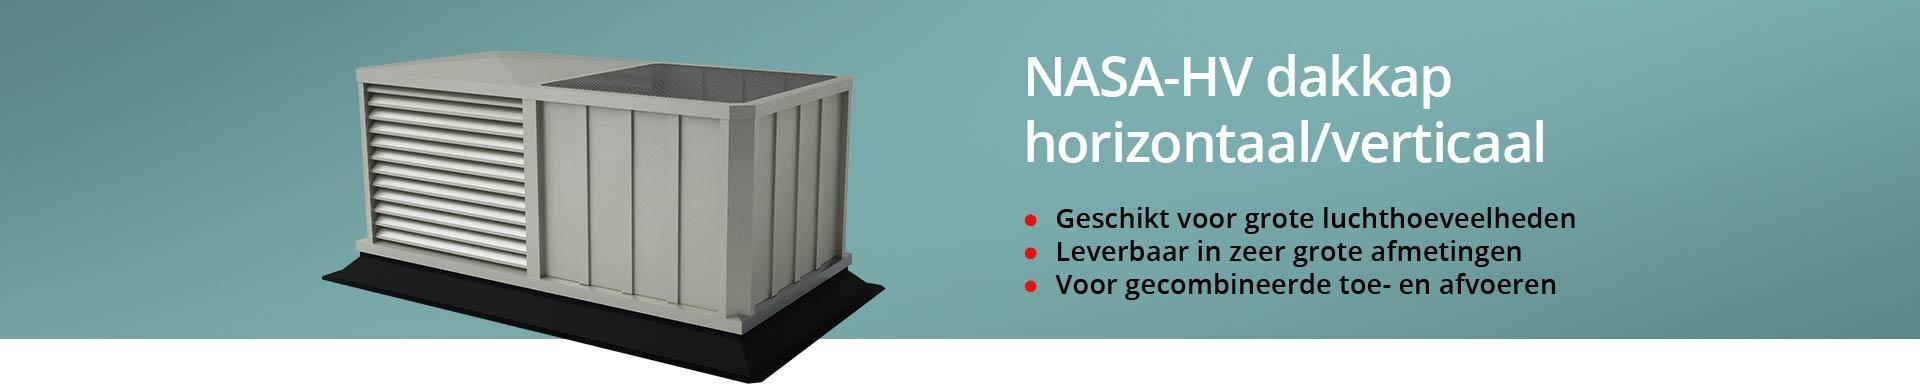 NASA-HV dakkap horizontaal en verticaal gecombineerd